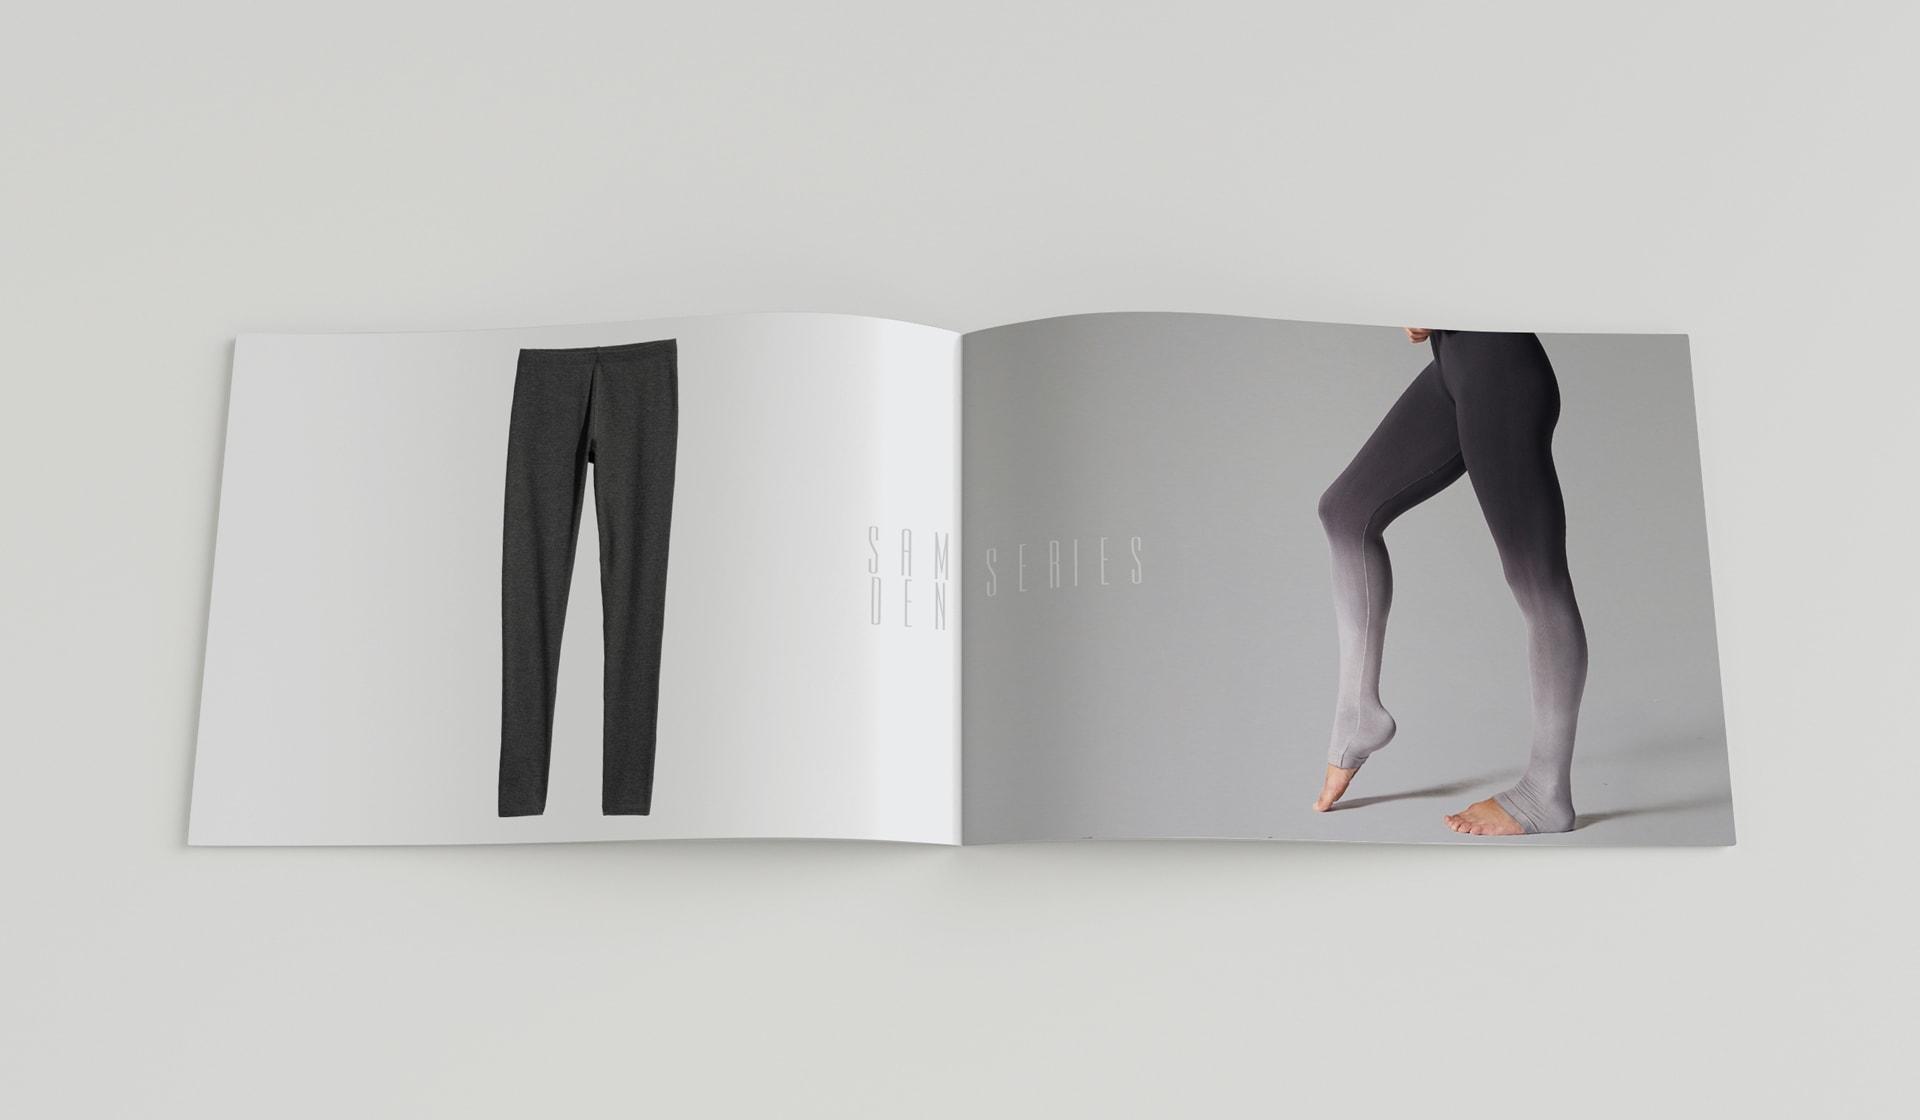 طراحی کاتالوگ برند LegX - چاپ کاتالوگ، شرکت طراحی تبلیغاتی کی نگار